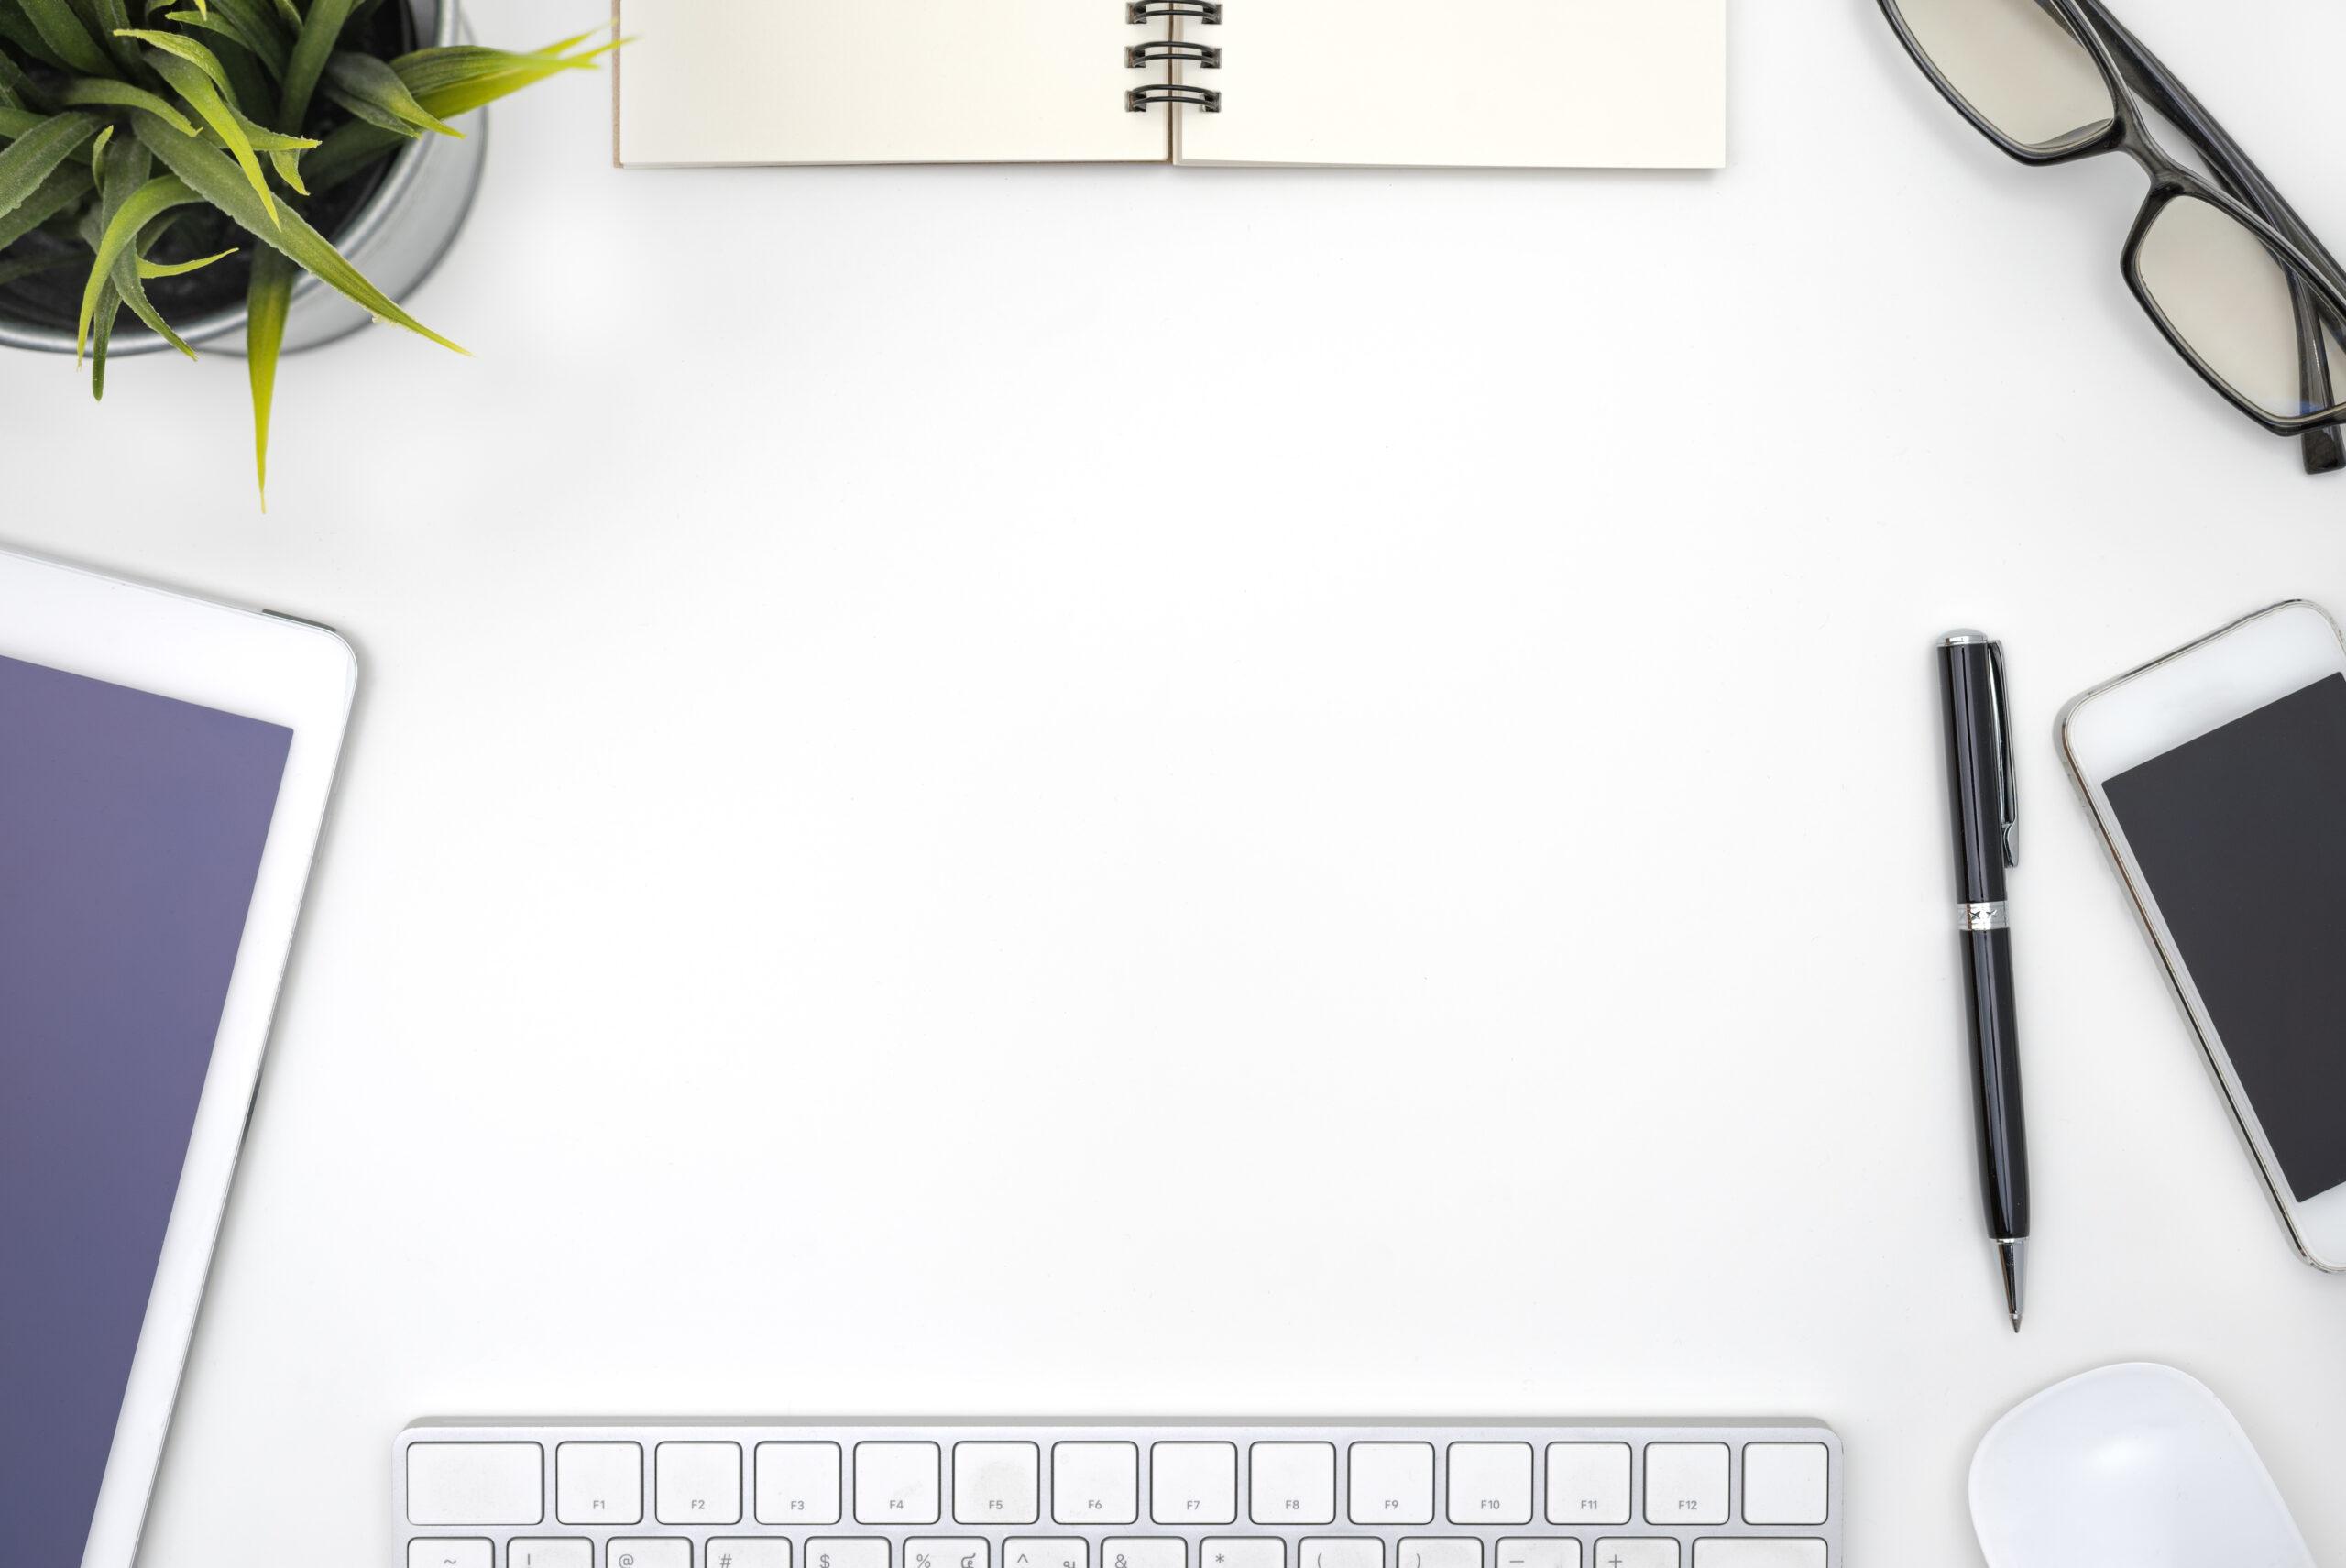 Nowe Pzp: Checklista dla zamawiających<br/> Postępowanie oudzielenie zamówienia wnowym Pzp